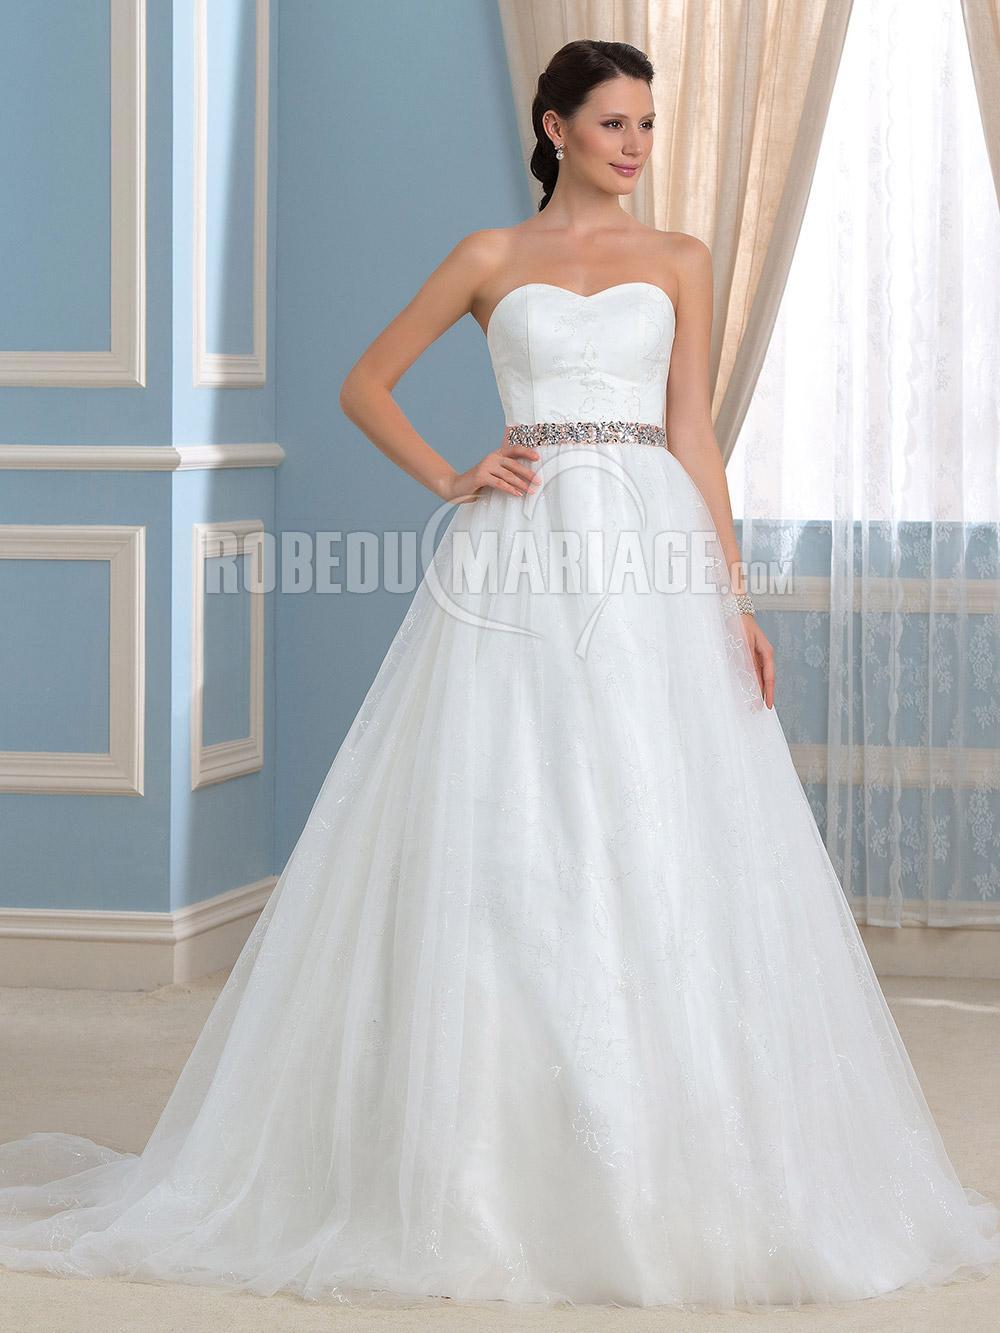 ... robe de mariée broderies avec ceinture perles pas cher - France